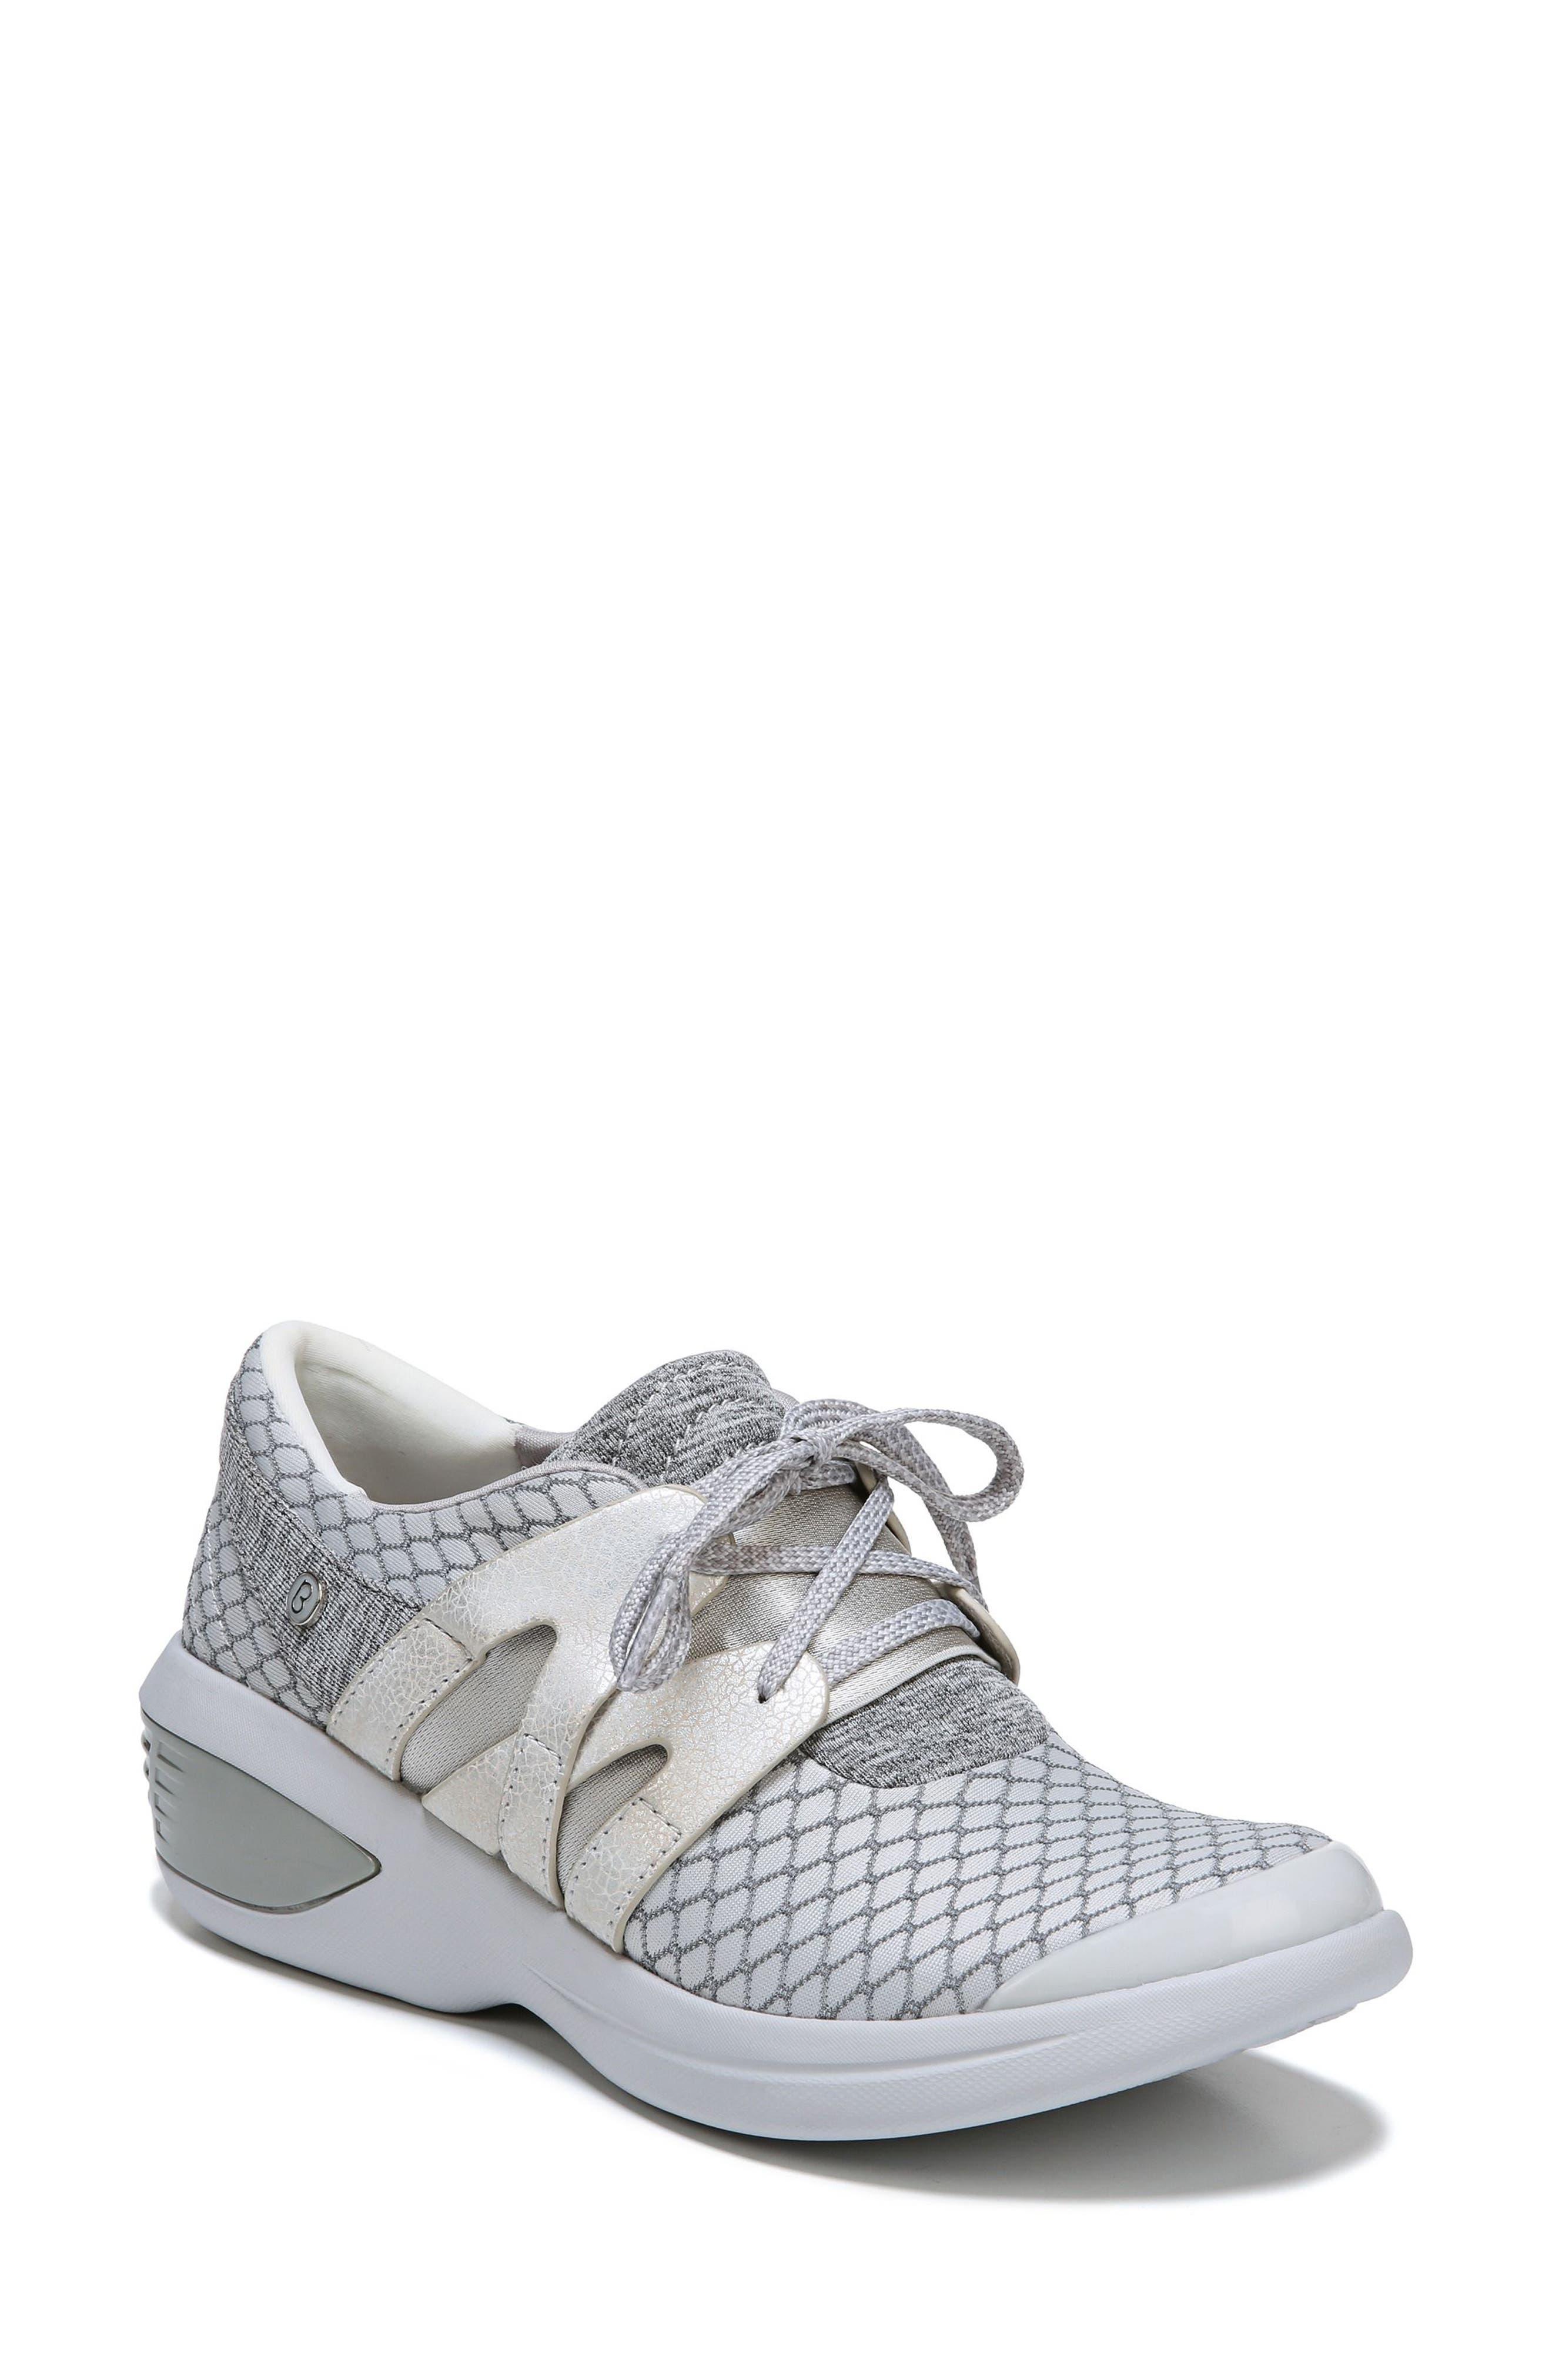 Flicker Sneaker,                         Main,                         color, 020